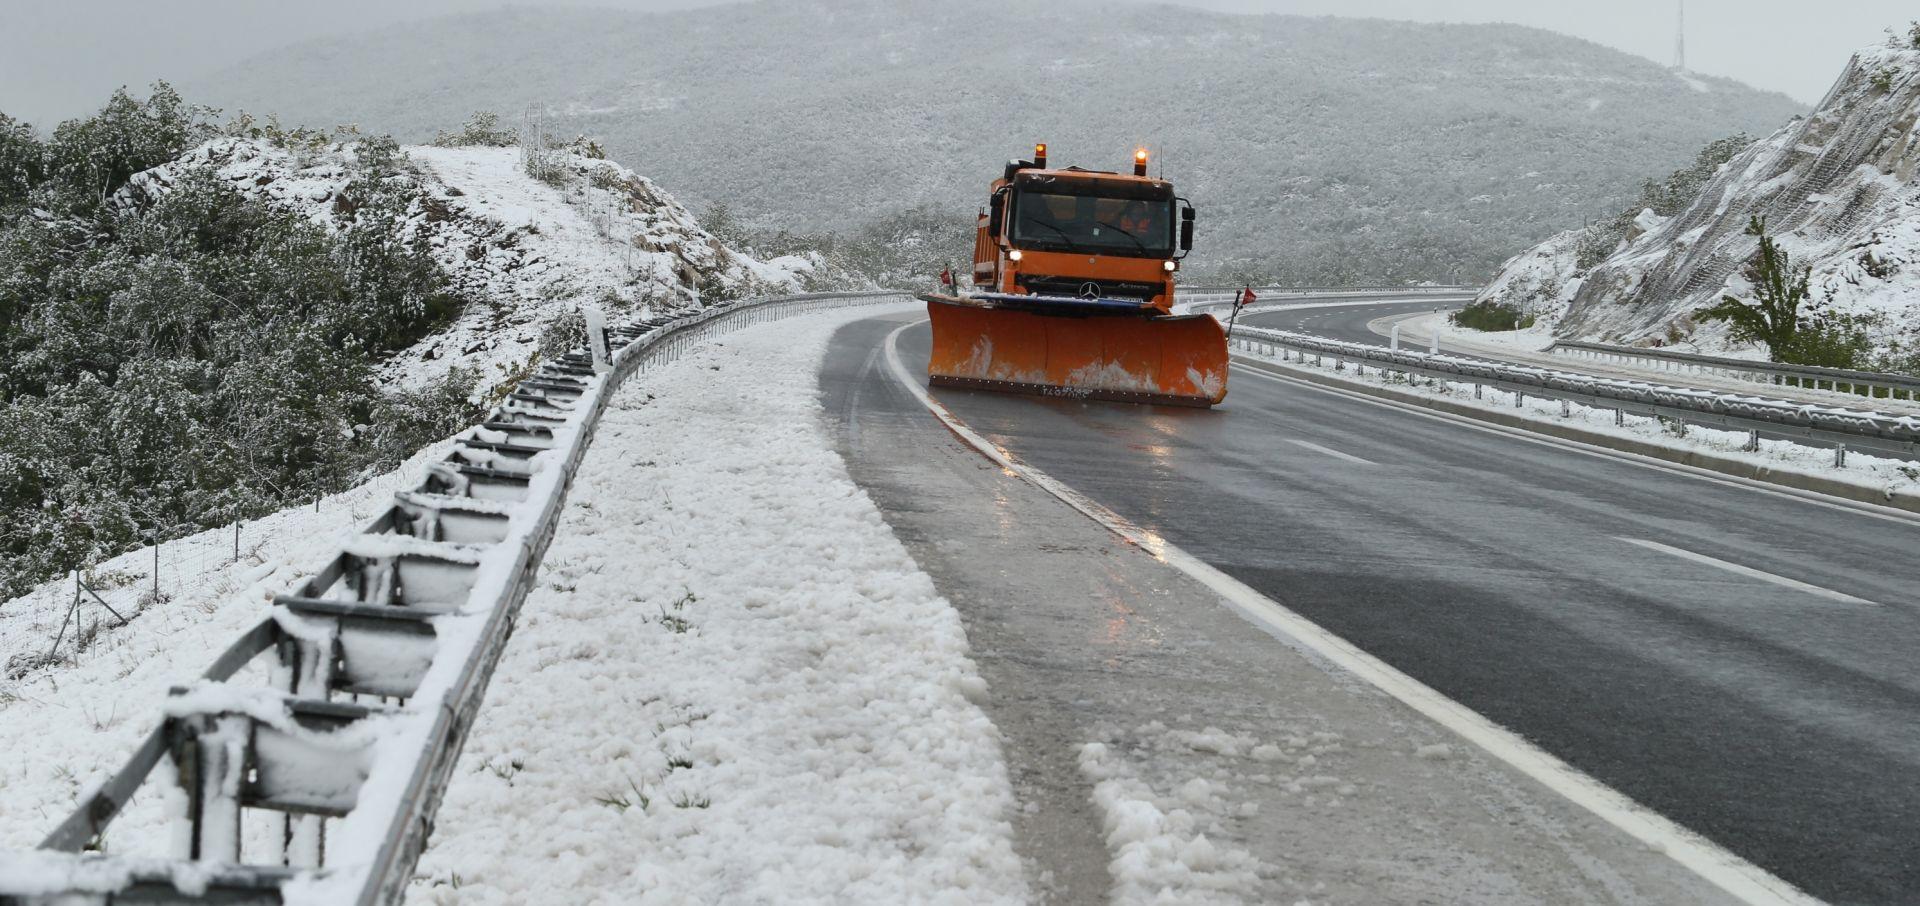 POVRATAK ZIME: Pao snijeg visine do desetak centimetara na području općine Zagvozd